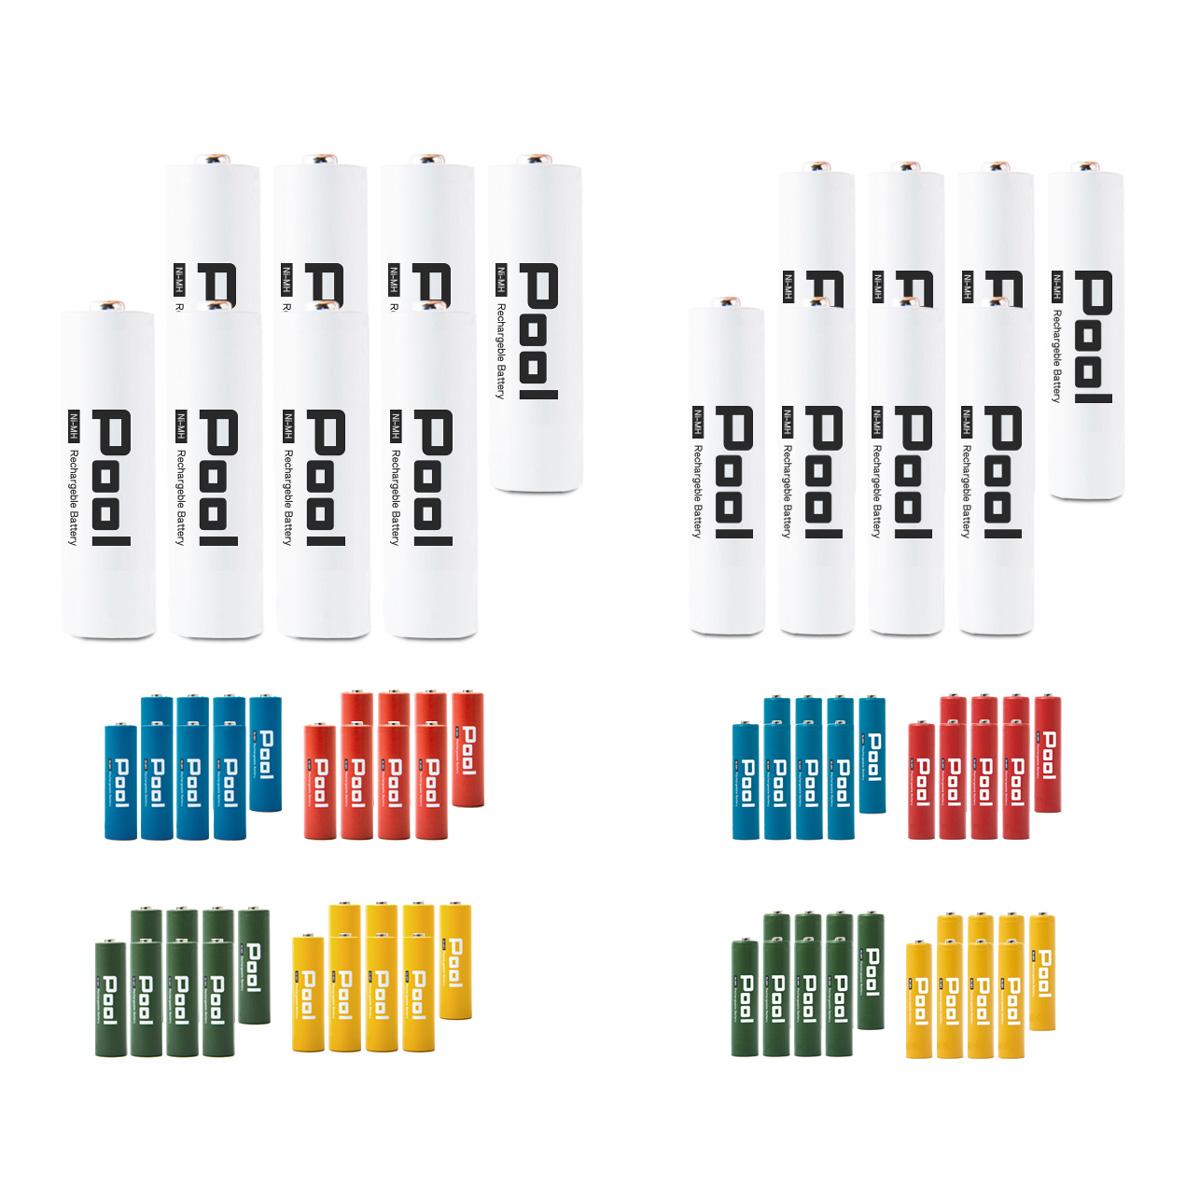 乾電池 から 充電池 へ 電池 単三 単四 ニッケル水素充電池 バッテリー 単3 単4 Pool と 激安格安割引情報満載 エネループ を超える大容量 形×8本 エネロング ×8本 ネコポス送料無料 低価格 プール 16本セット単3 ニッケル水素電池 形